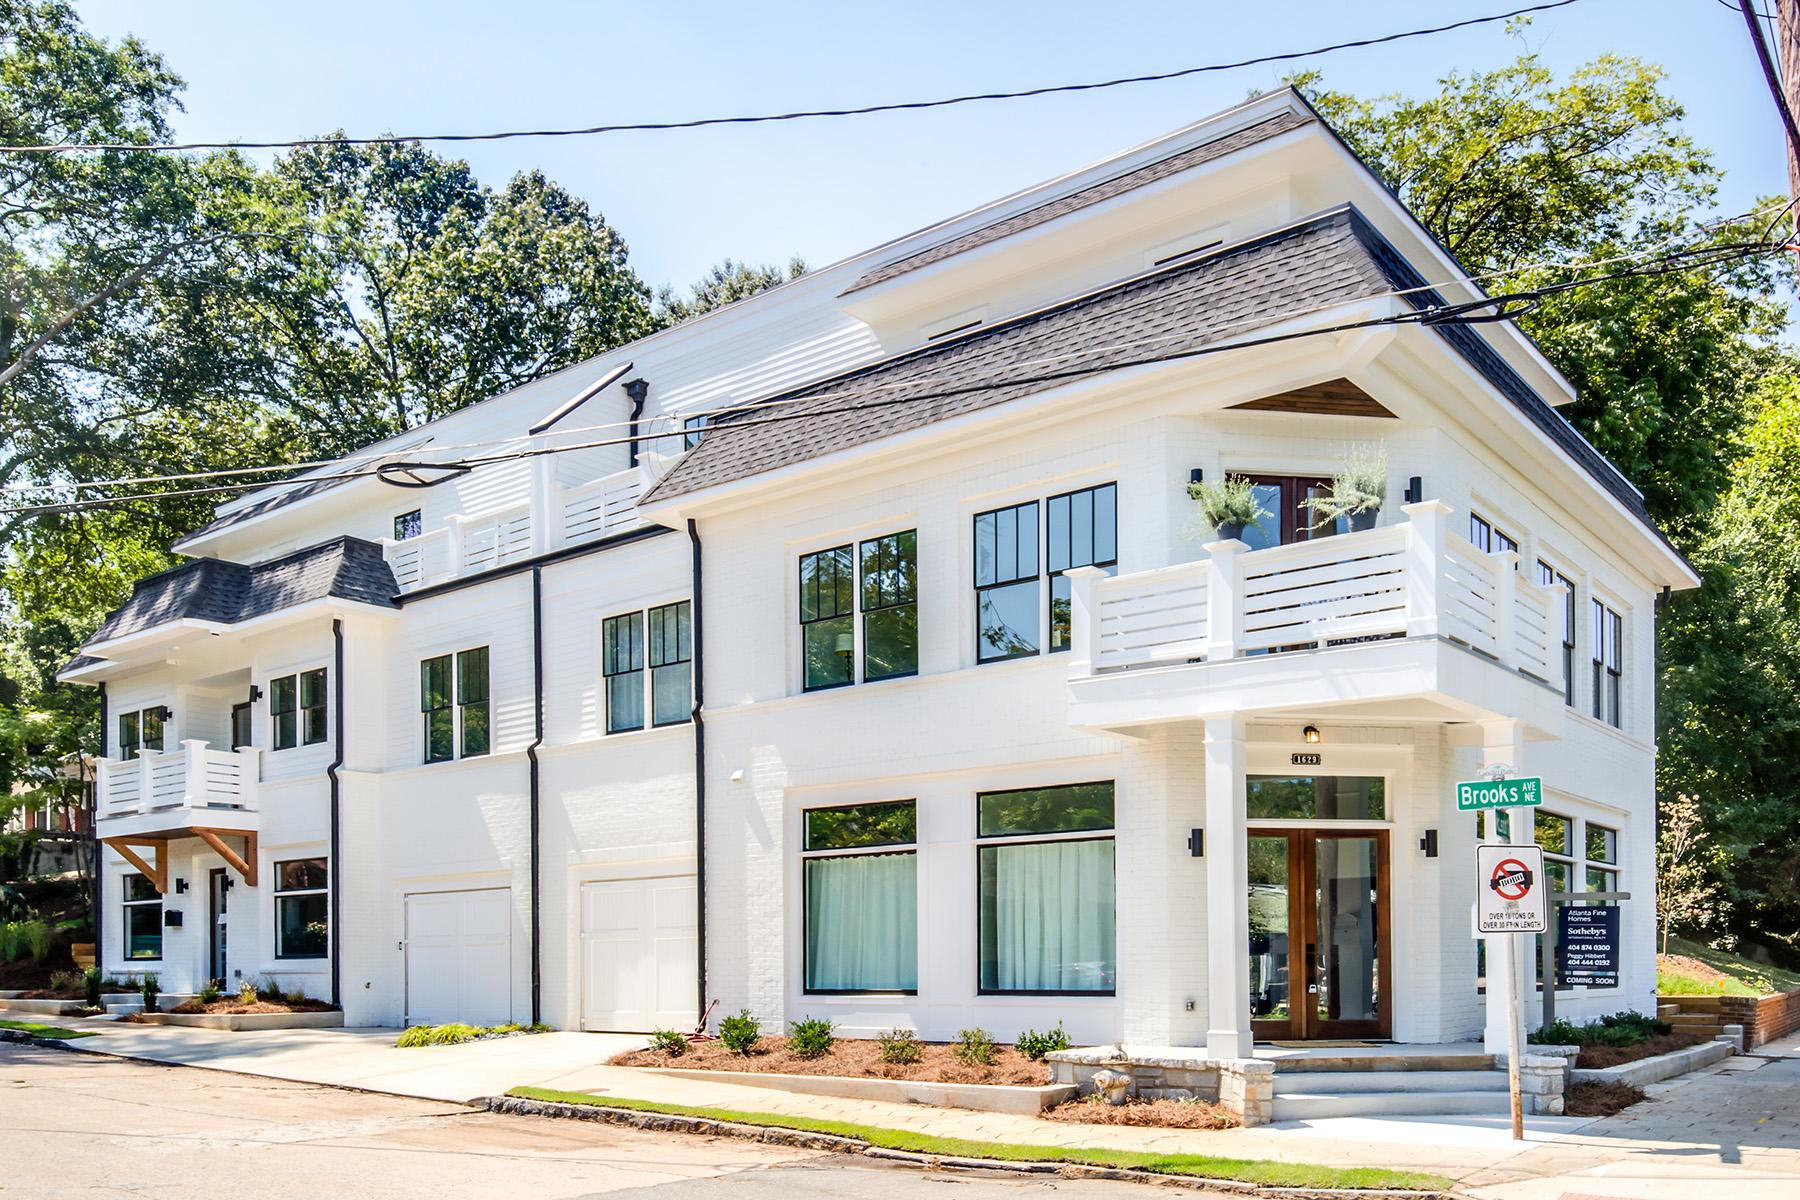 townhouses por un Venta en Uber Cool, One Of A Kind In The Heart Of Candler Park 376 Brooks Avenue, Atlanta, Georgia 30307 Estados Unidos